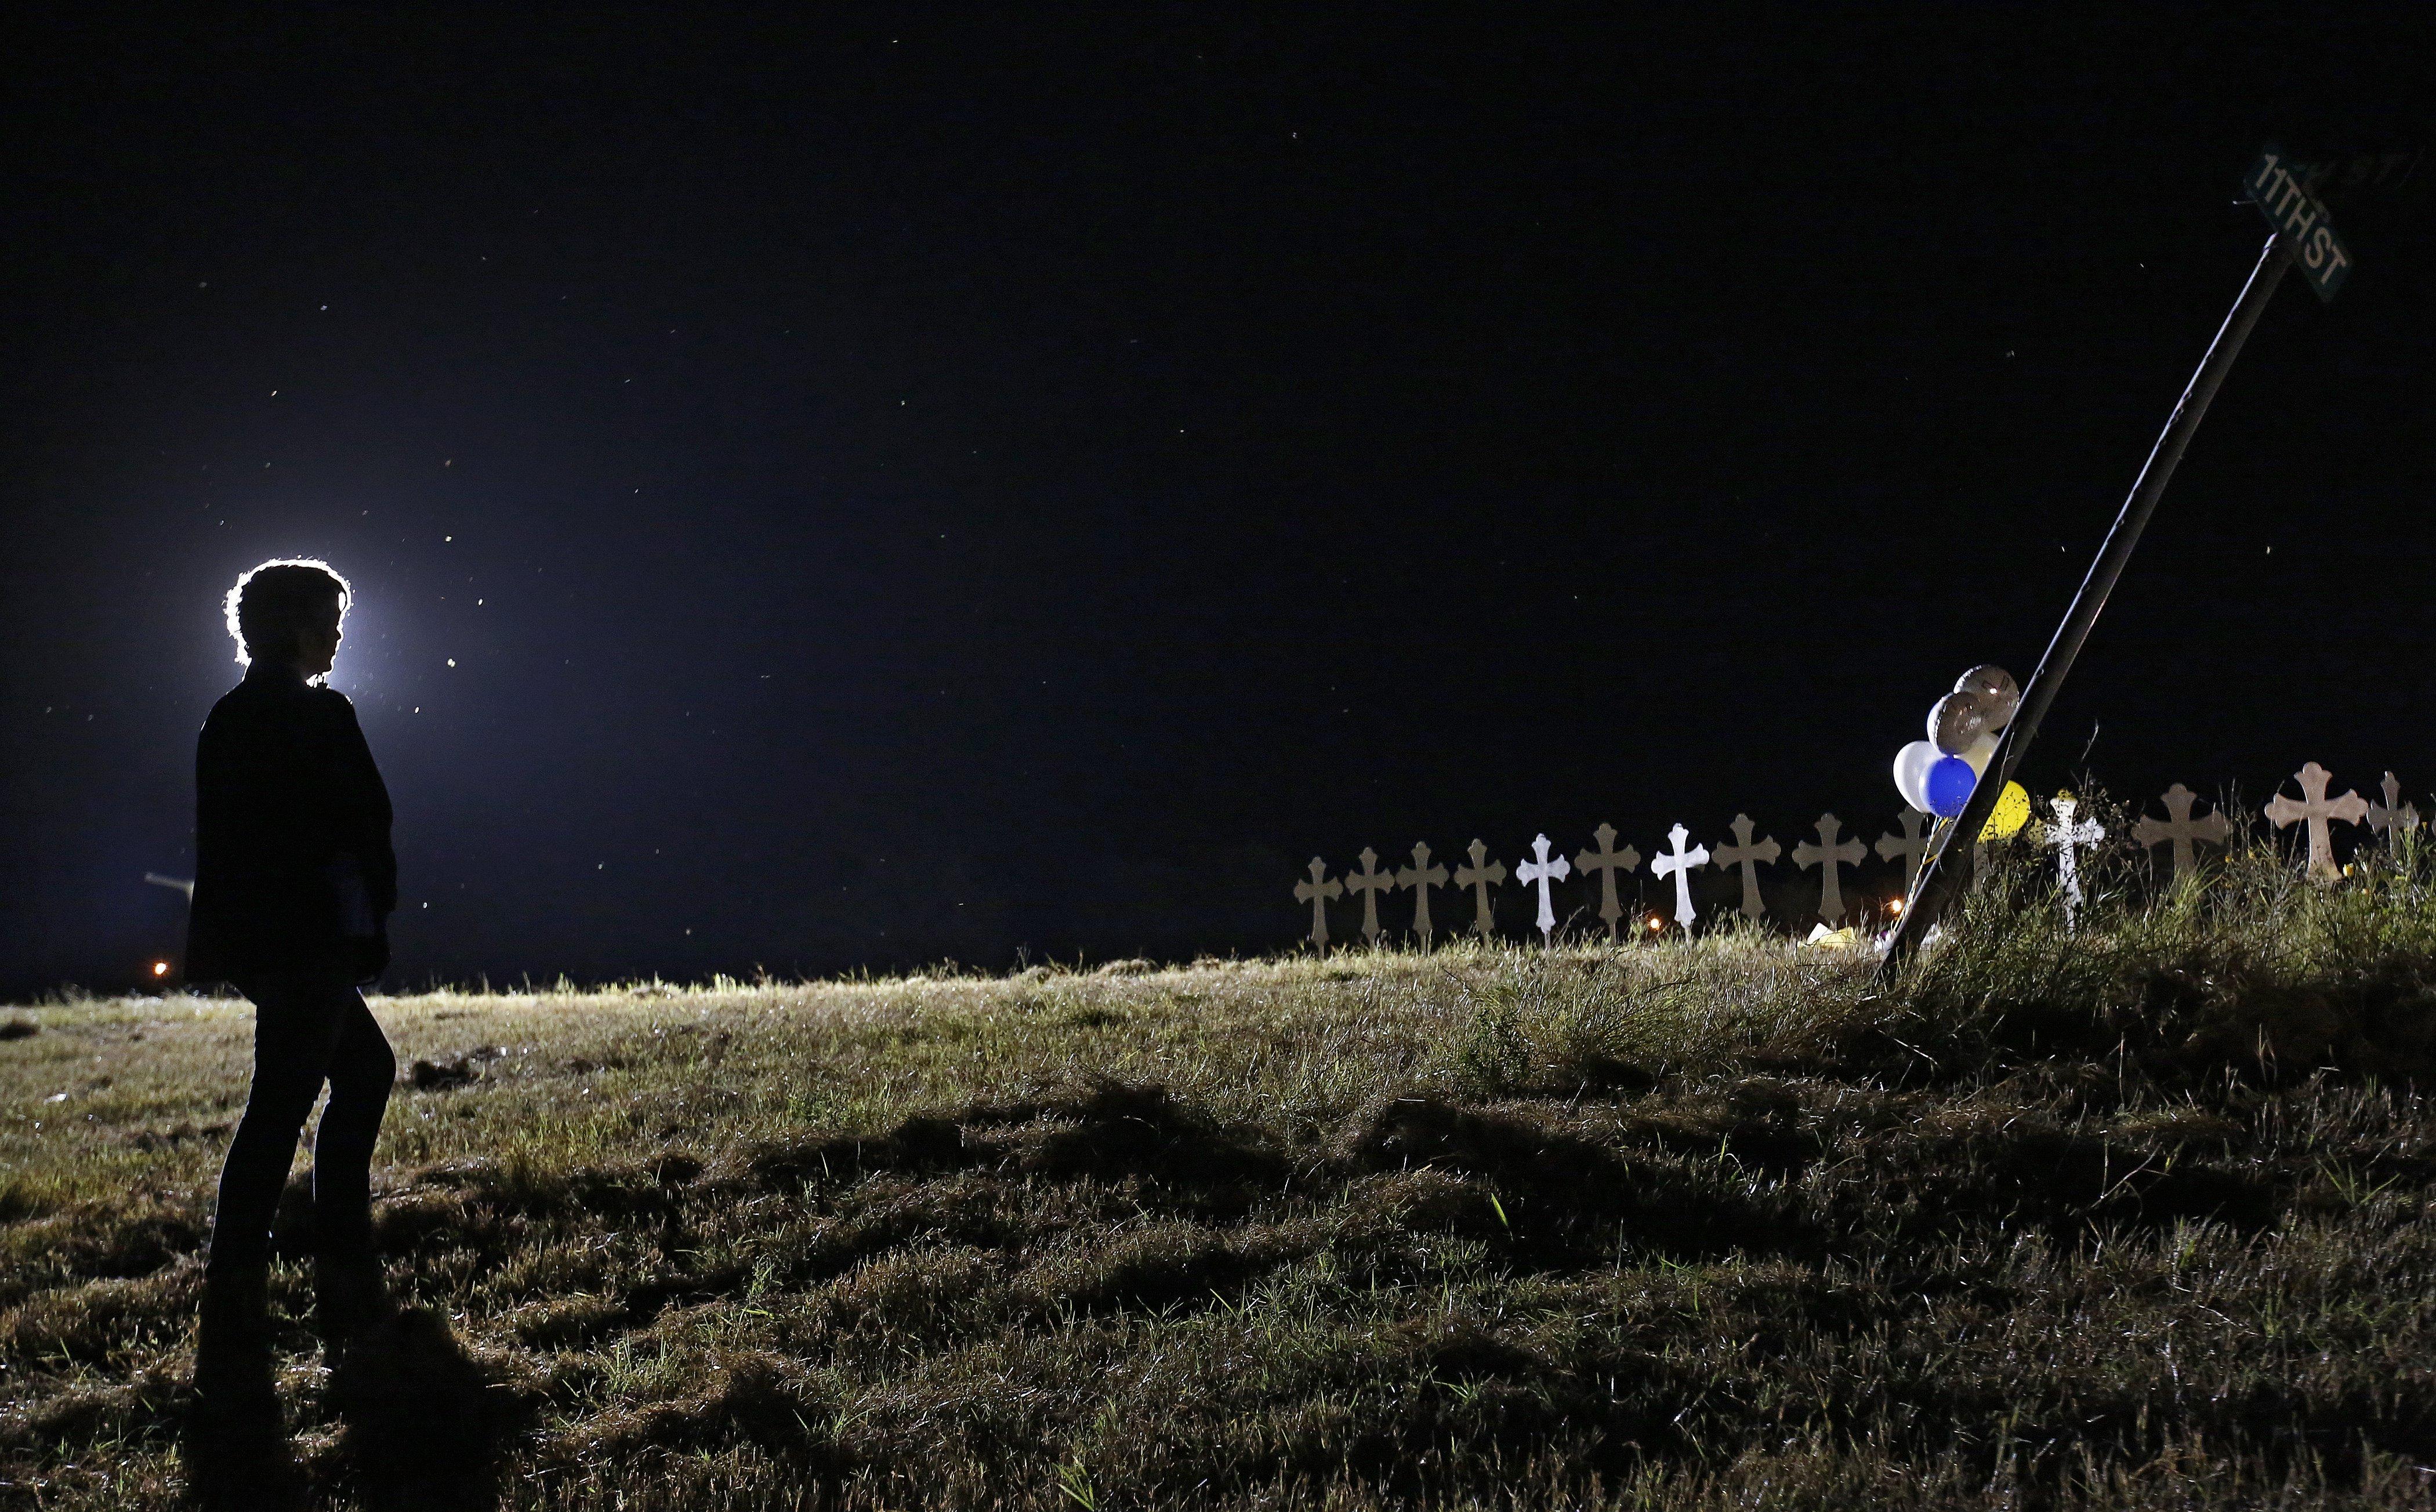 Instal·len 26 creus en un camp en honor a les persones que van morir en un tiroteig en una església de Texas, als Estats Units. /LARRY W. SMITH